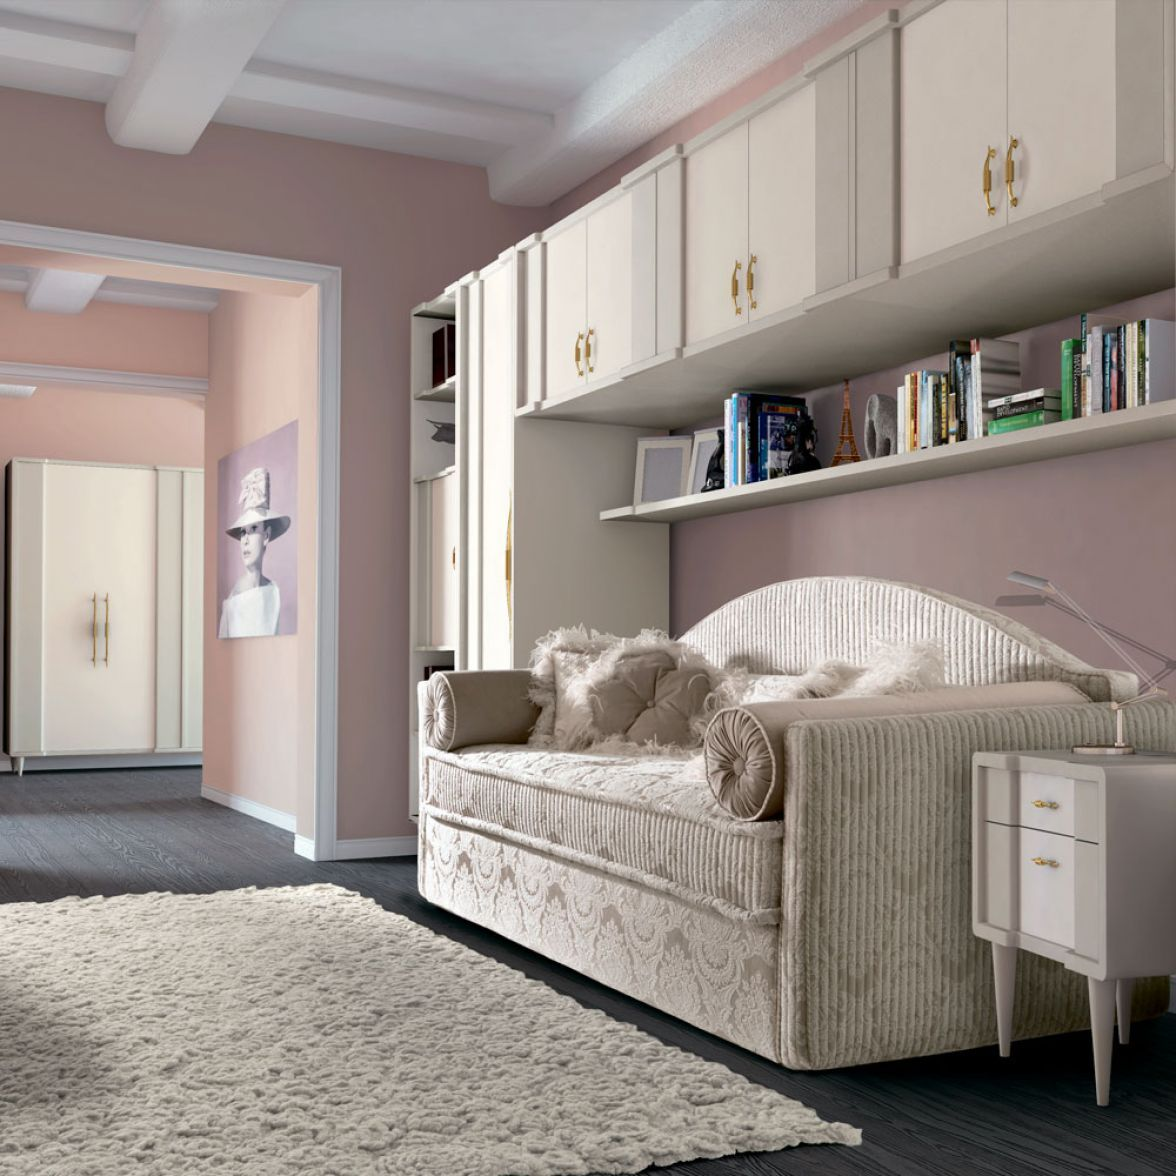 Morris sofa фото цена